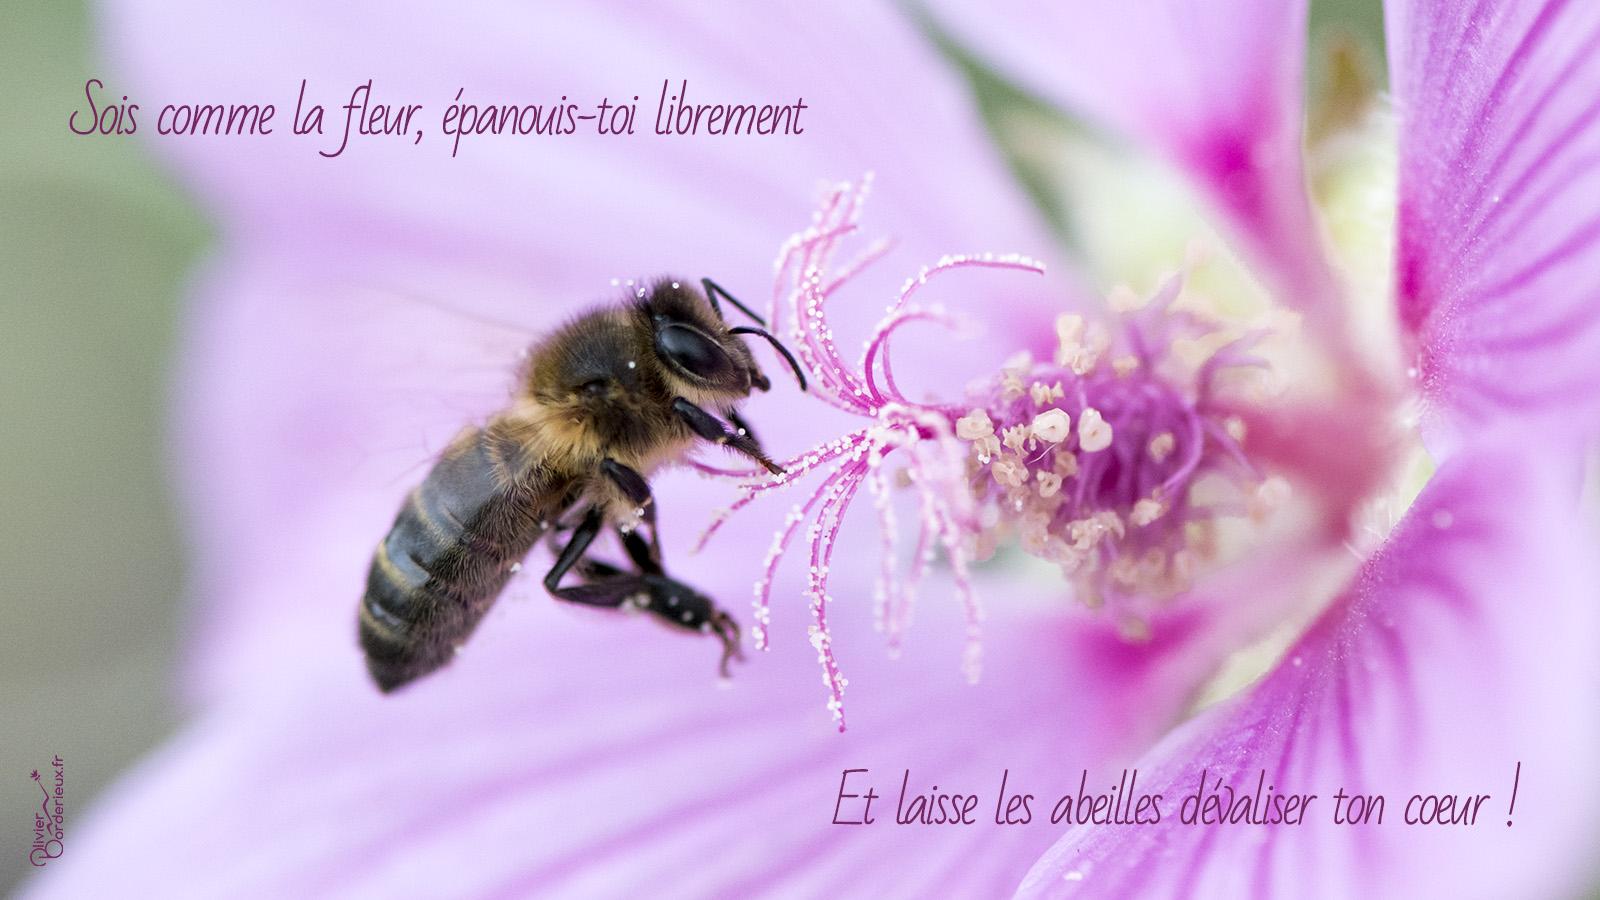 Sois comme la fleur